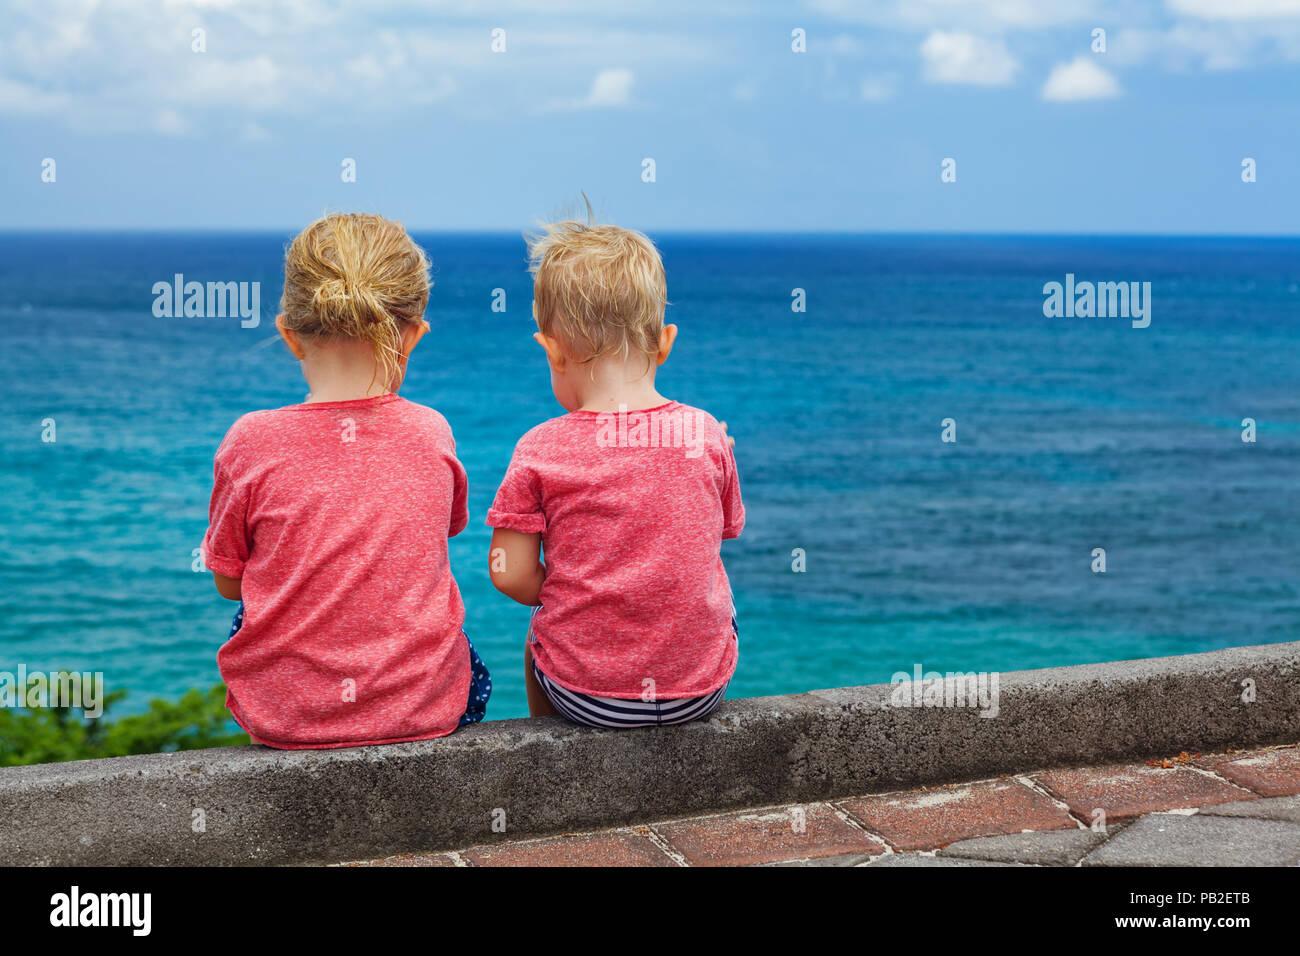 Contenti i bambini a divertirsi sulla spiaggia a piedi. Paio di bambini seduti sulla scogliera, parlare, guarda sul mare e surf blue sky. Lo stile di vita di viaggio le attività outdoor in f Immagini Stock